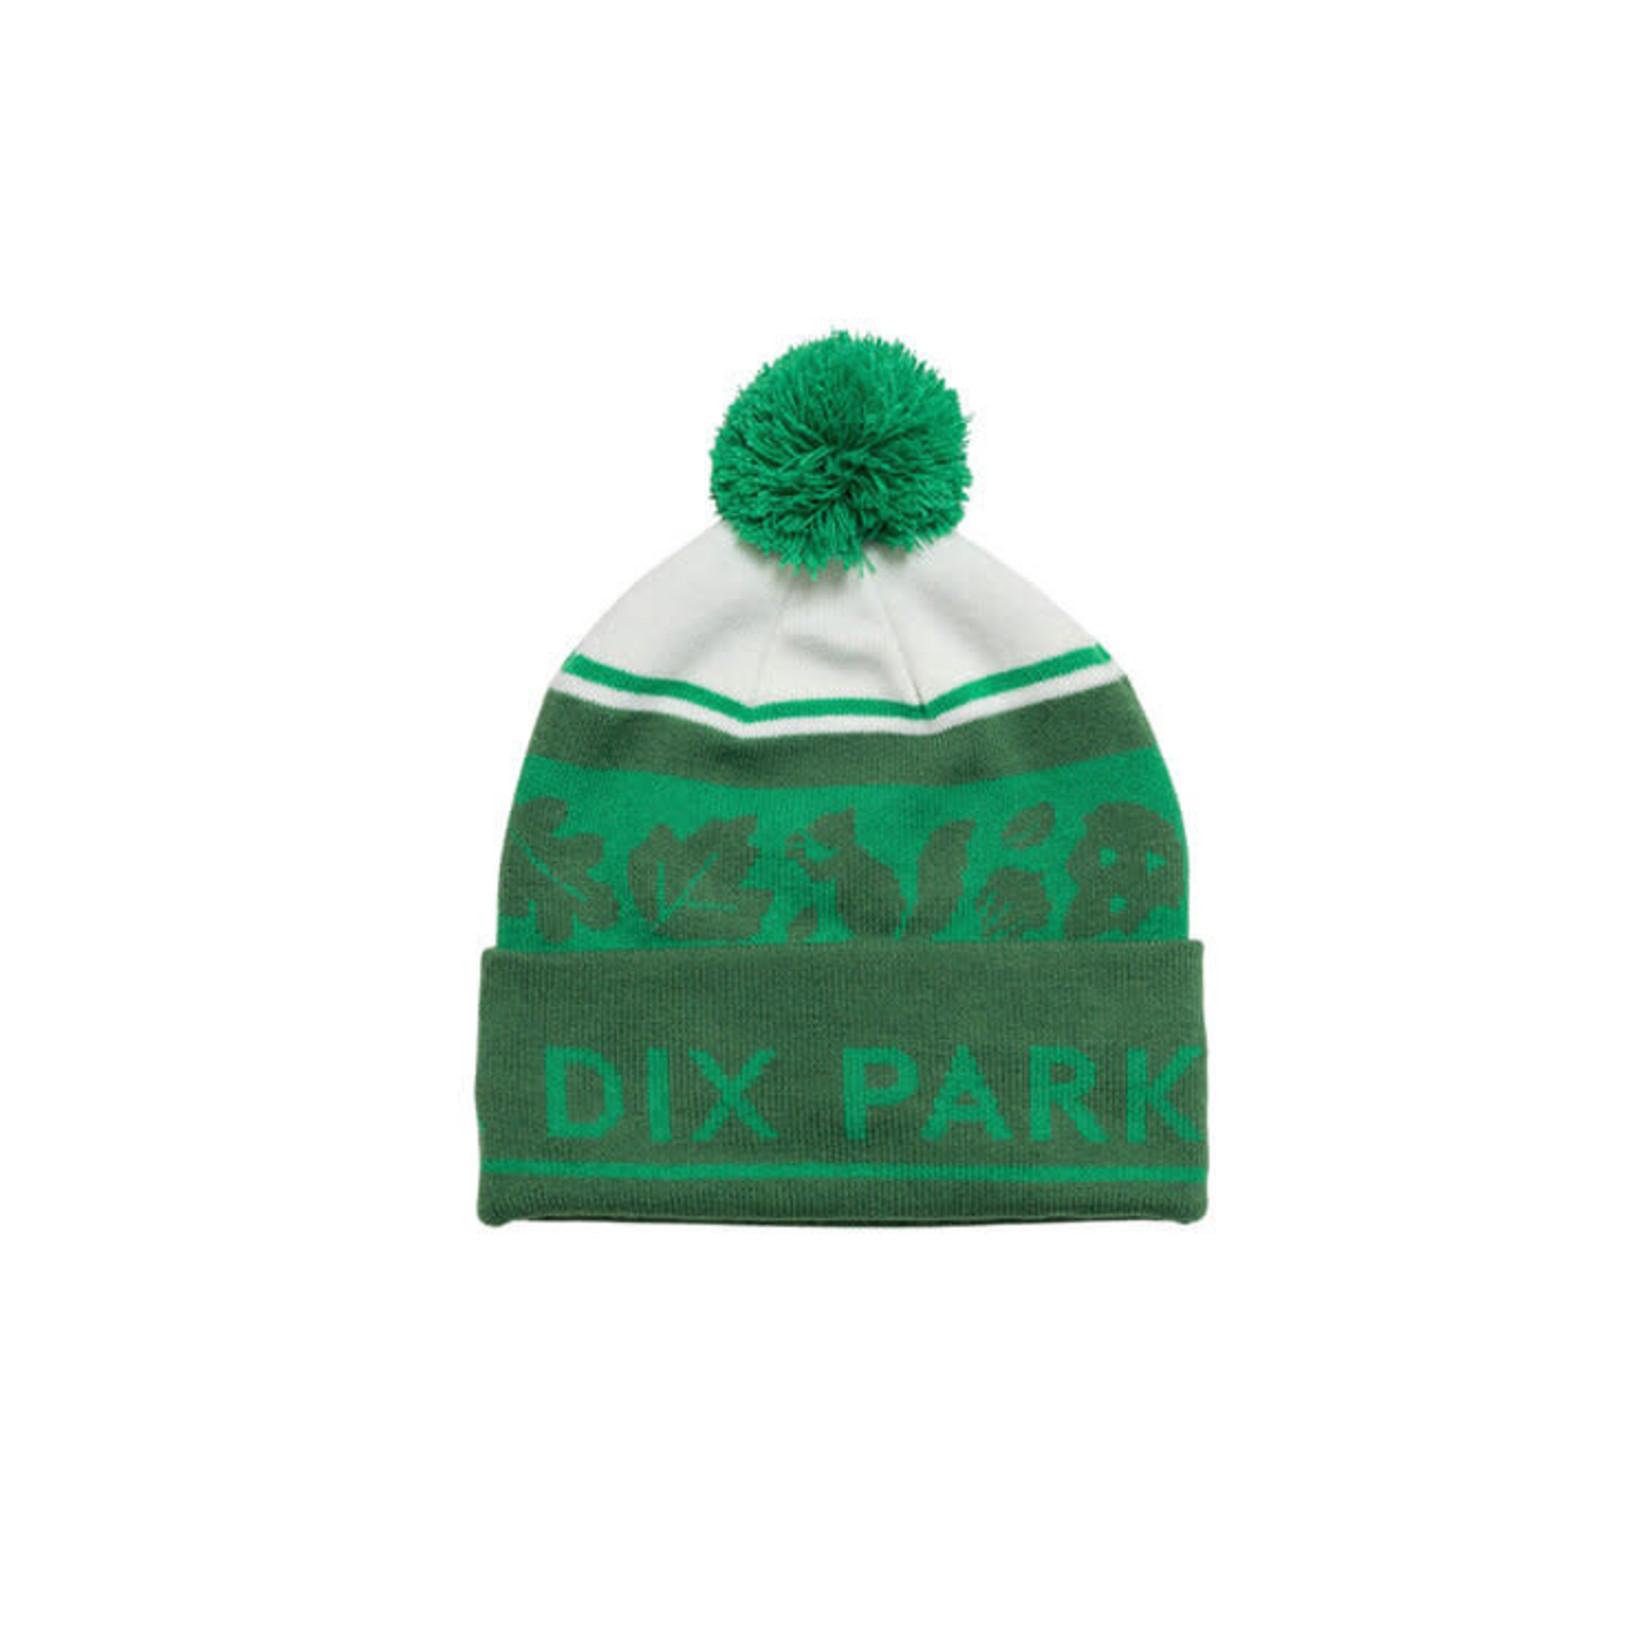 Dix Park Conservancy Dix Park Winter Beanie